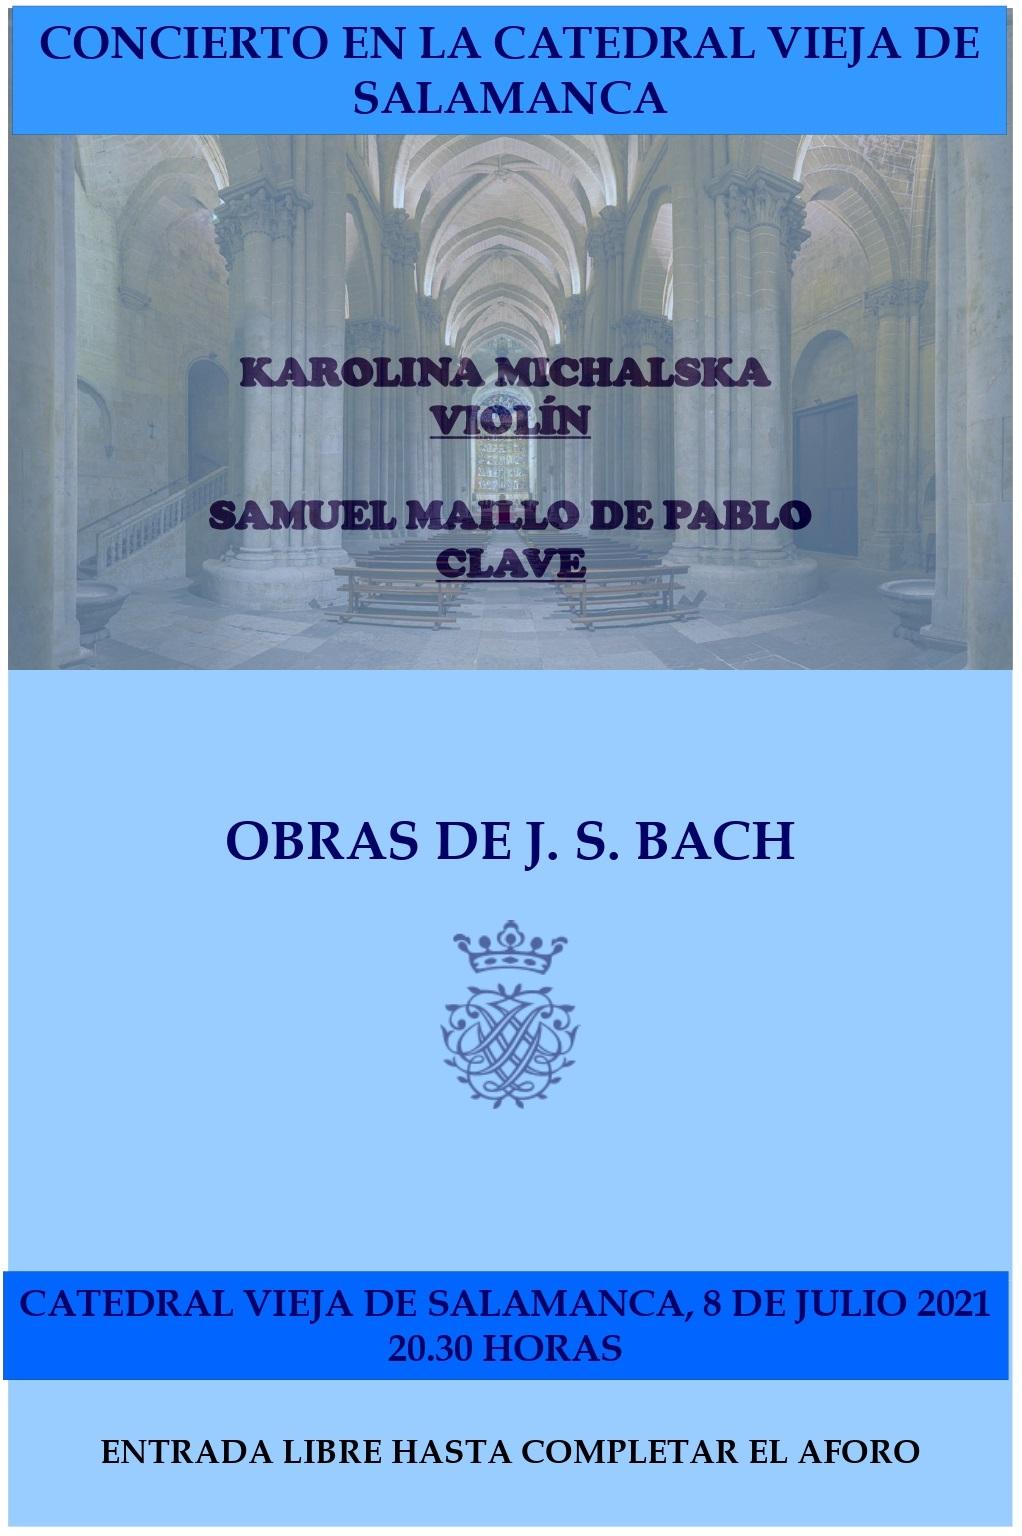 Concierto de violín y clave en la Catedral Vieja